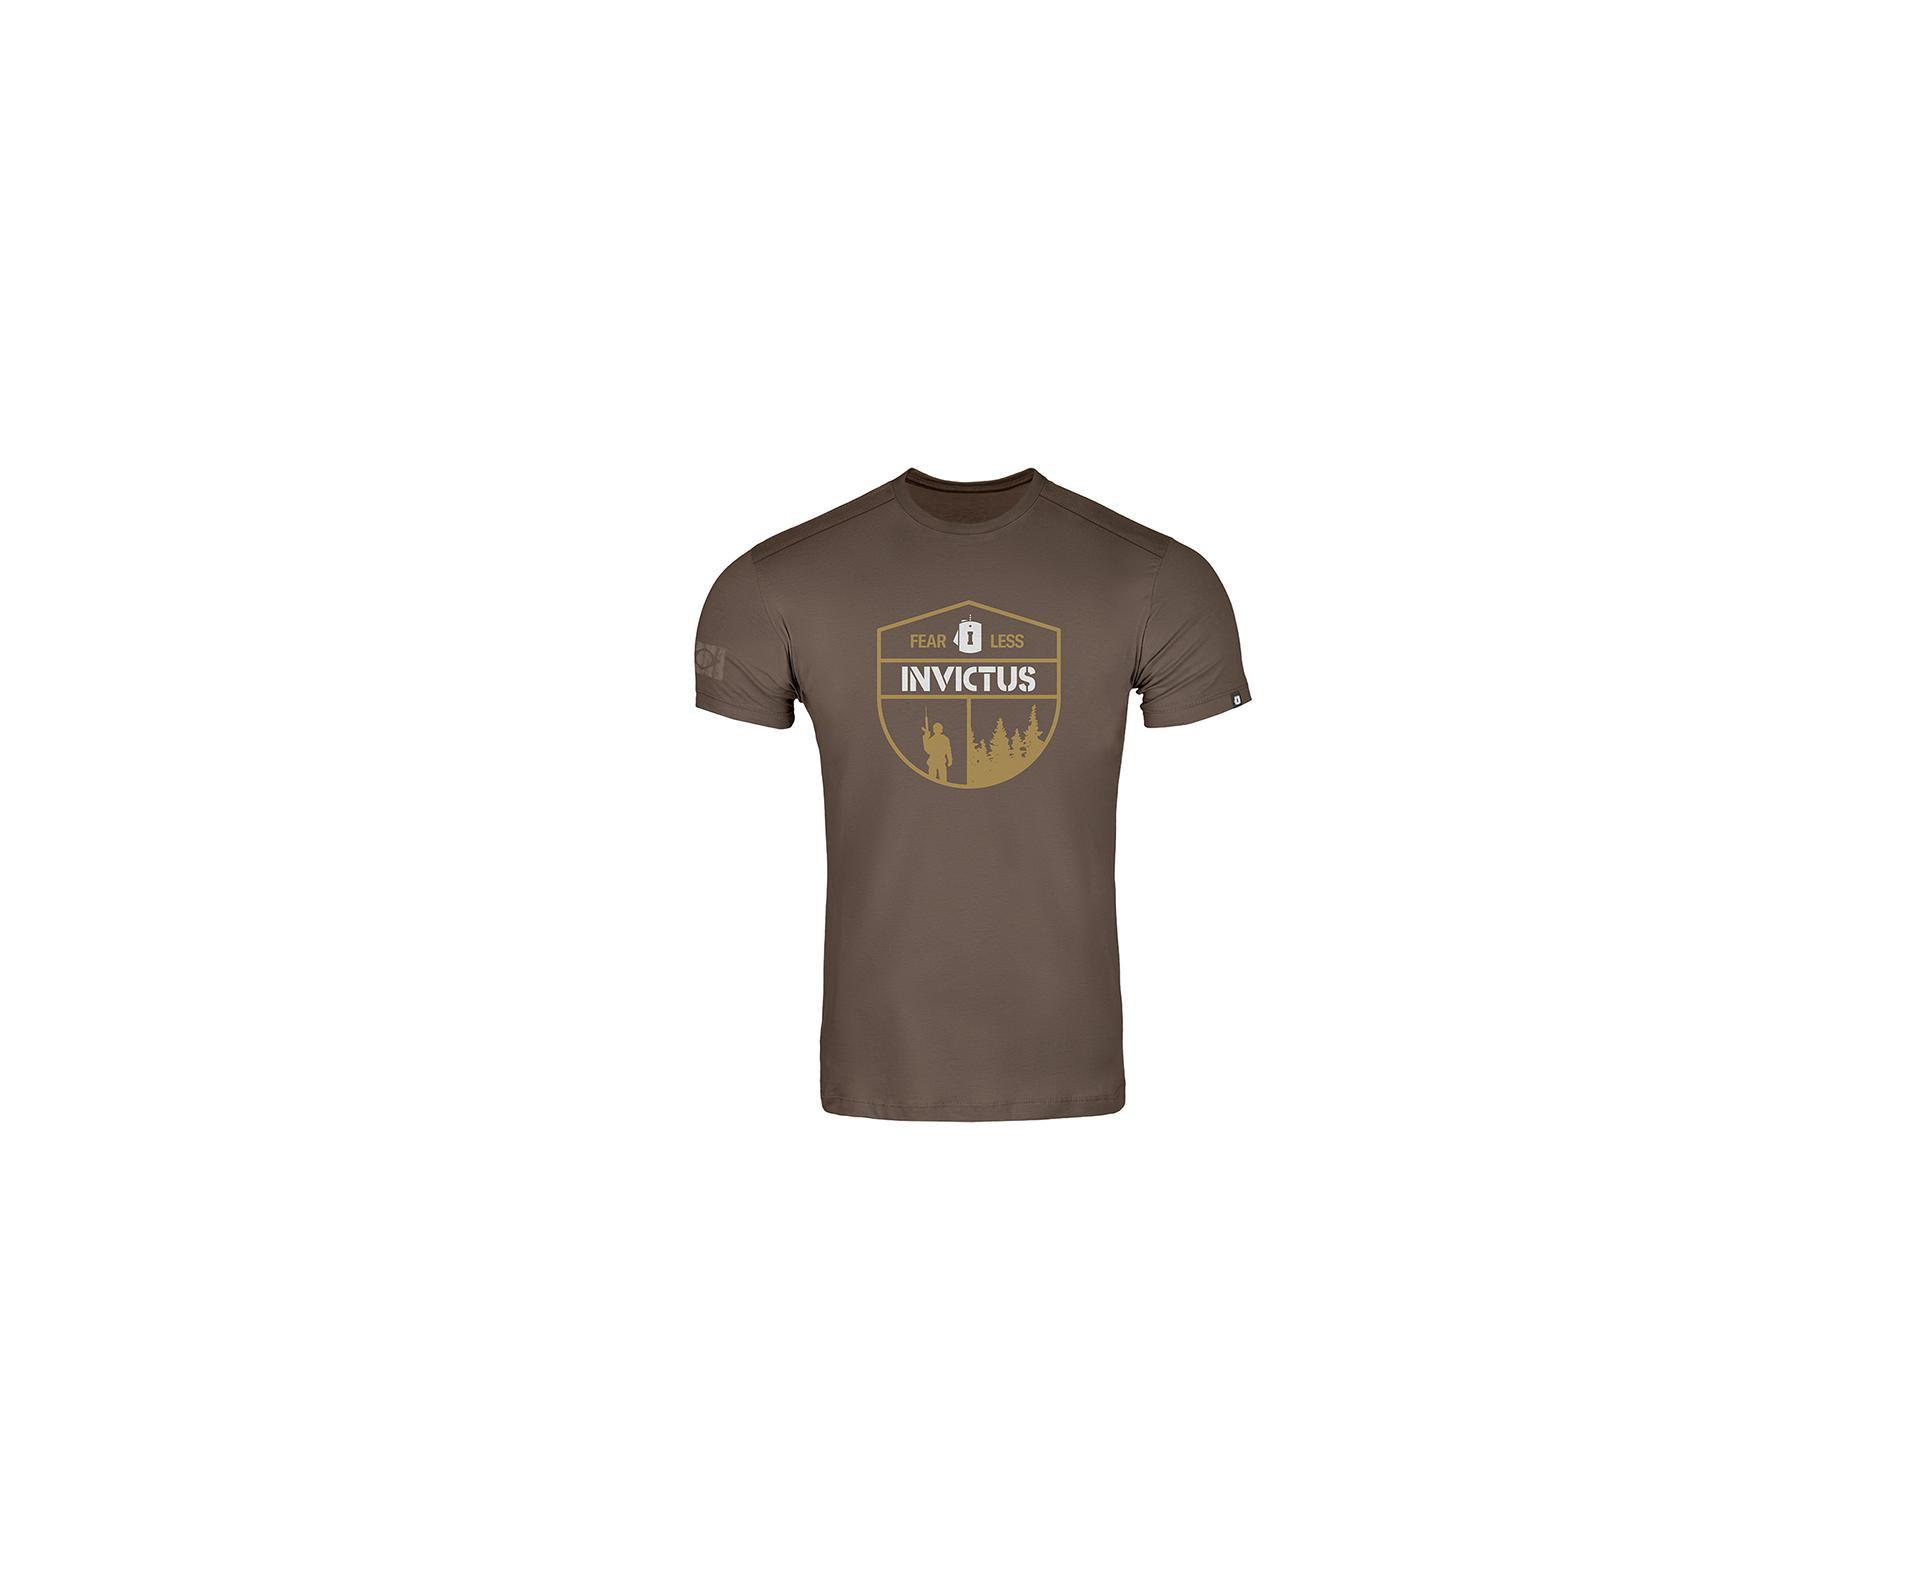 Camiseta T-shirt Invictus Concept Fearless